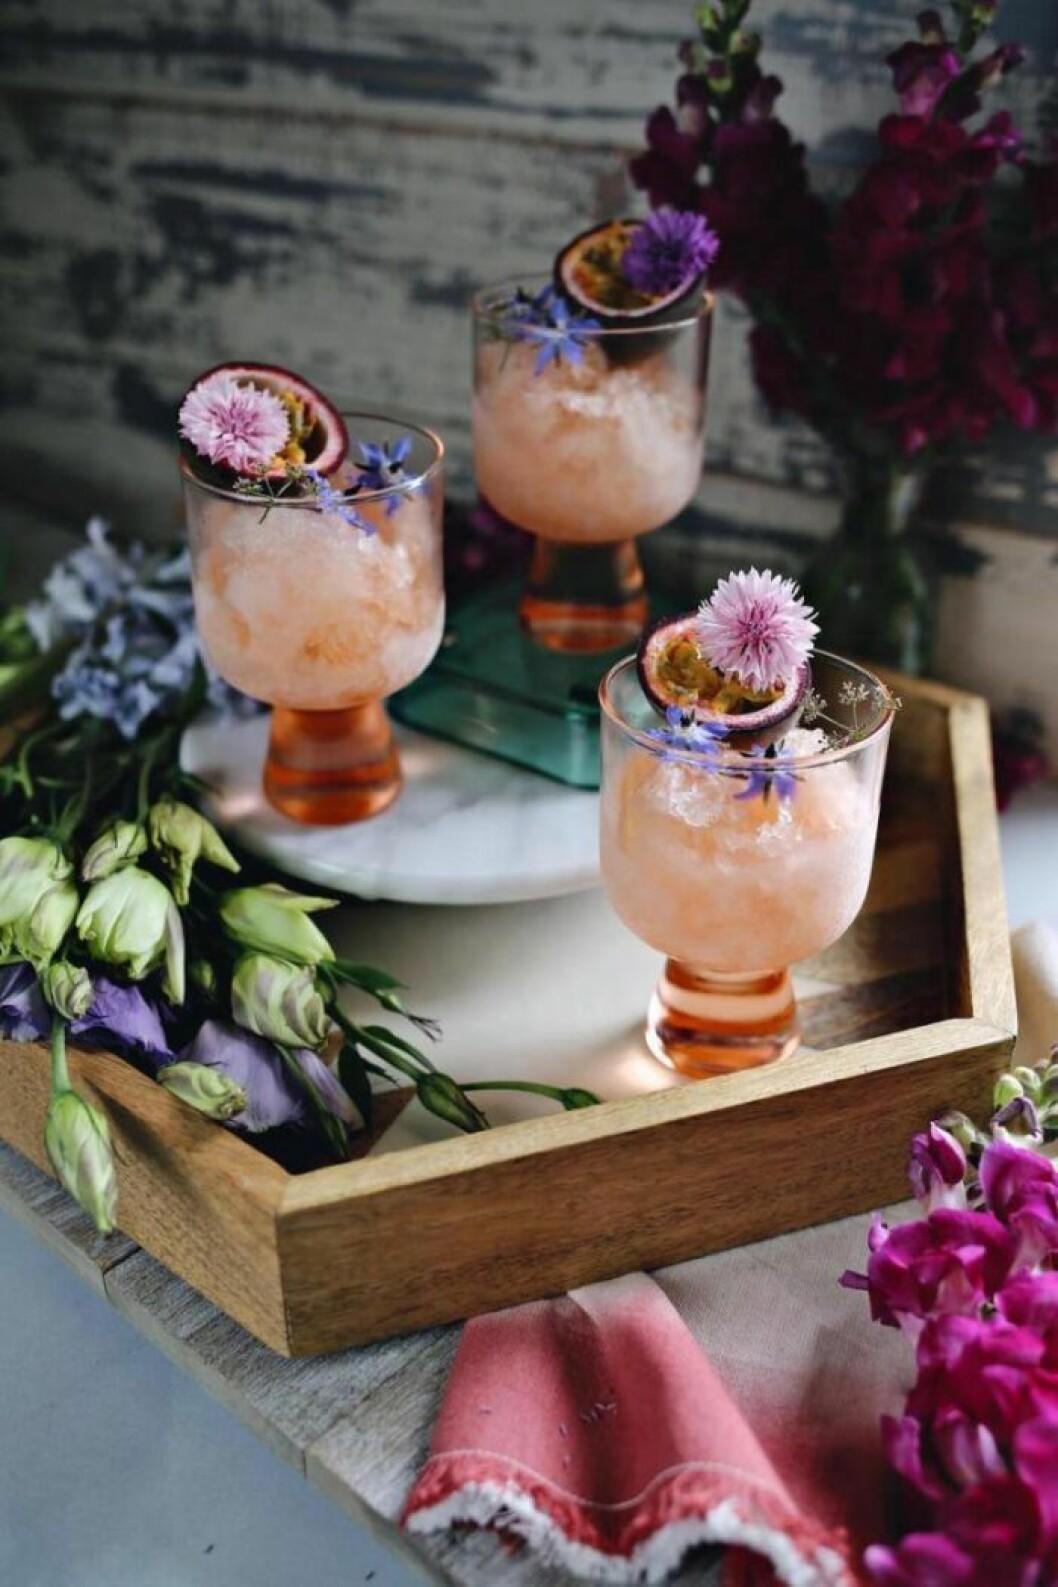 Drinkar med frukt och blommor.